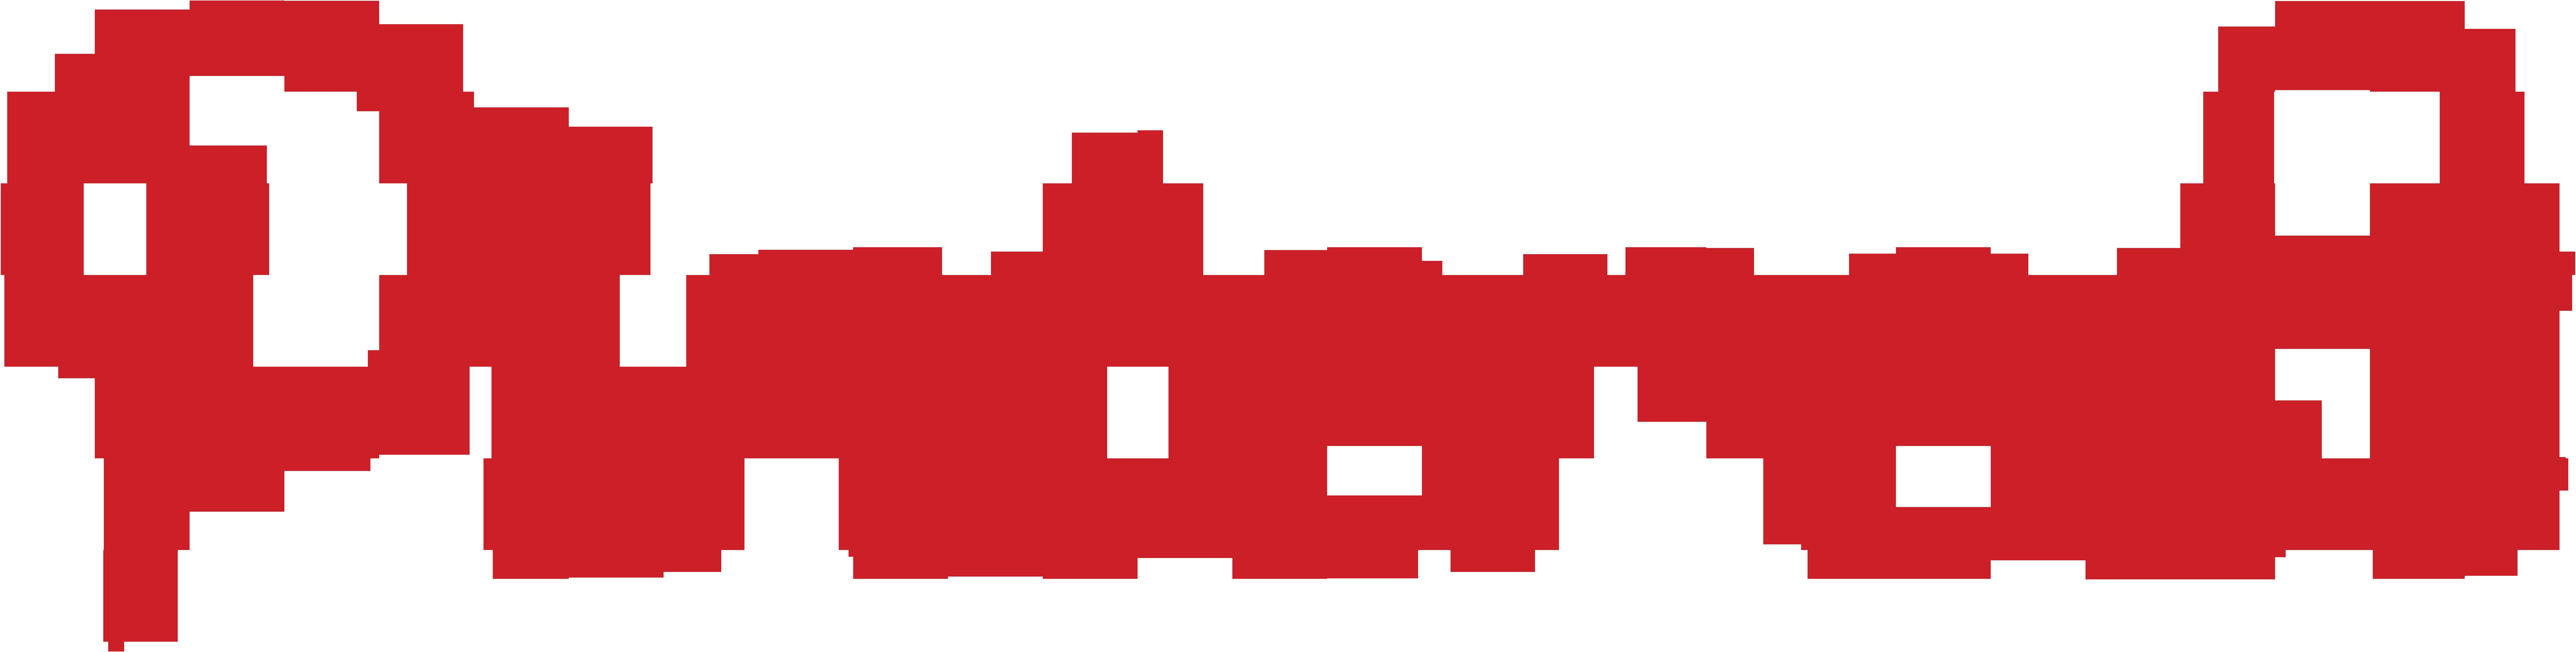 Pinterest es de las redes sociales más utilizadas alrededor del mundo